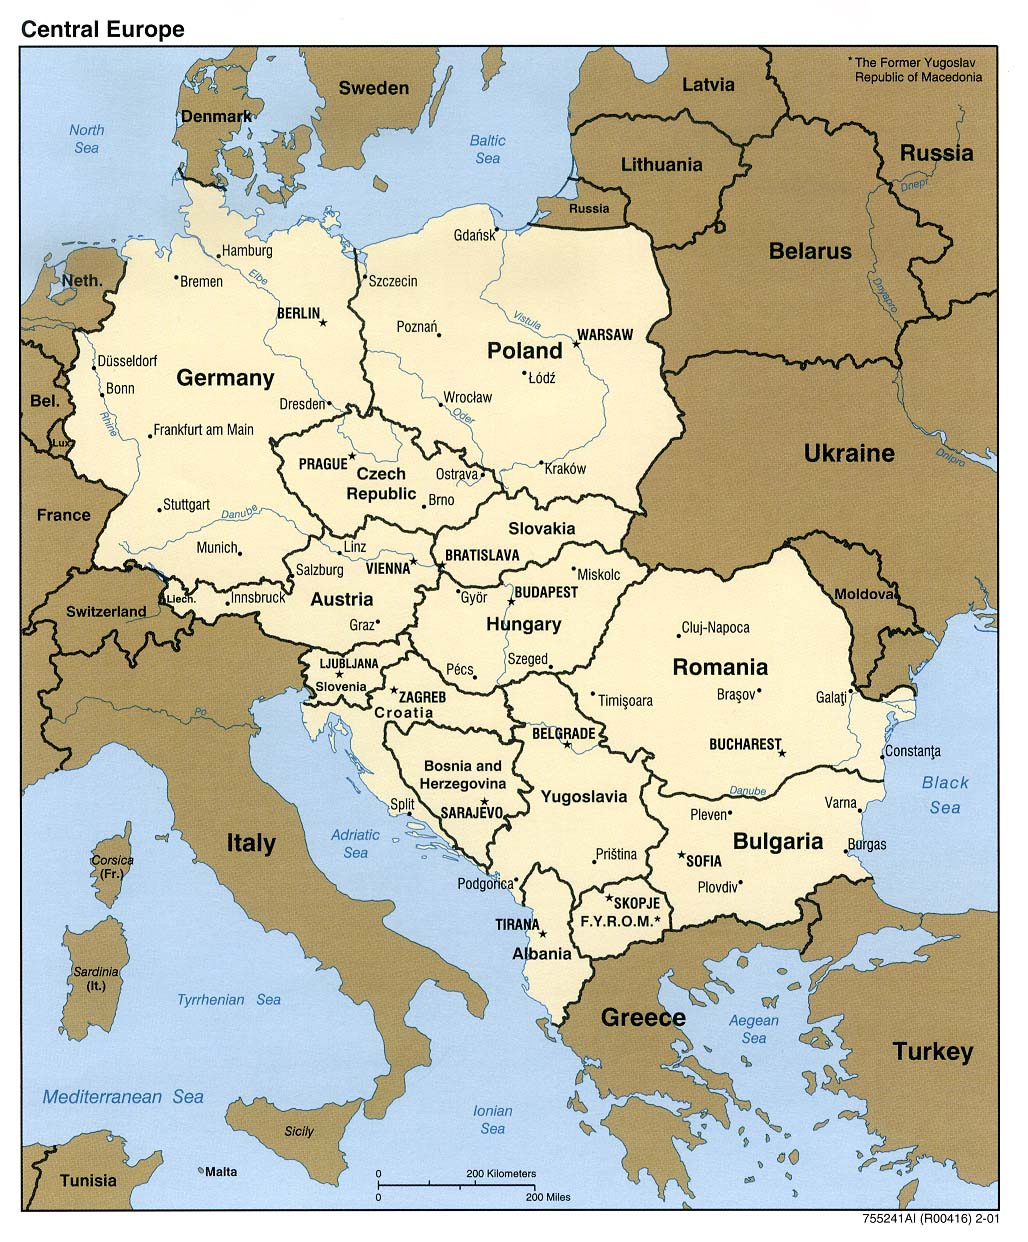 Mapa Politico de Europa Central 2001